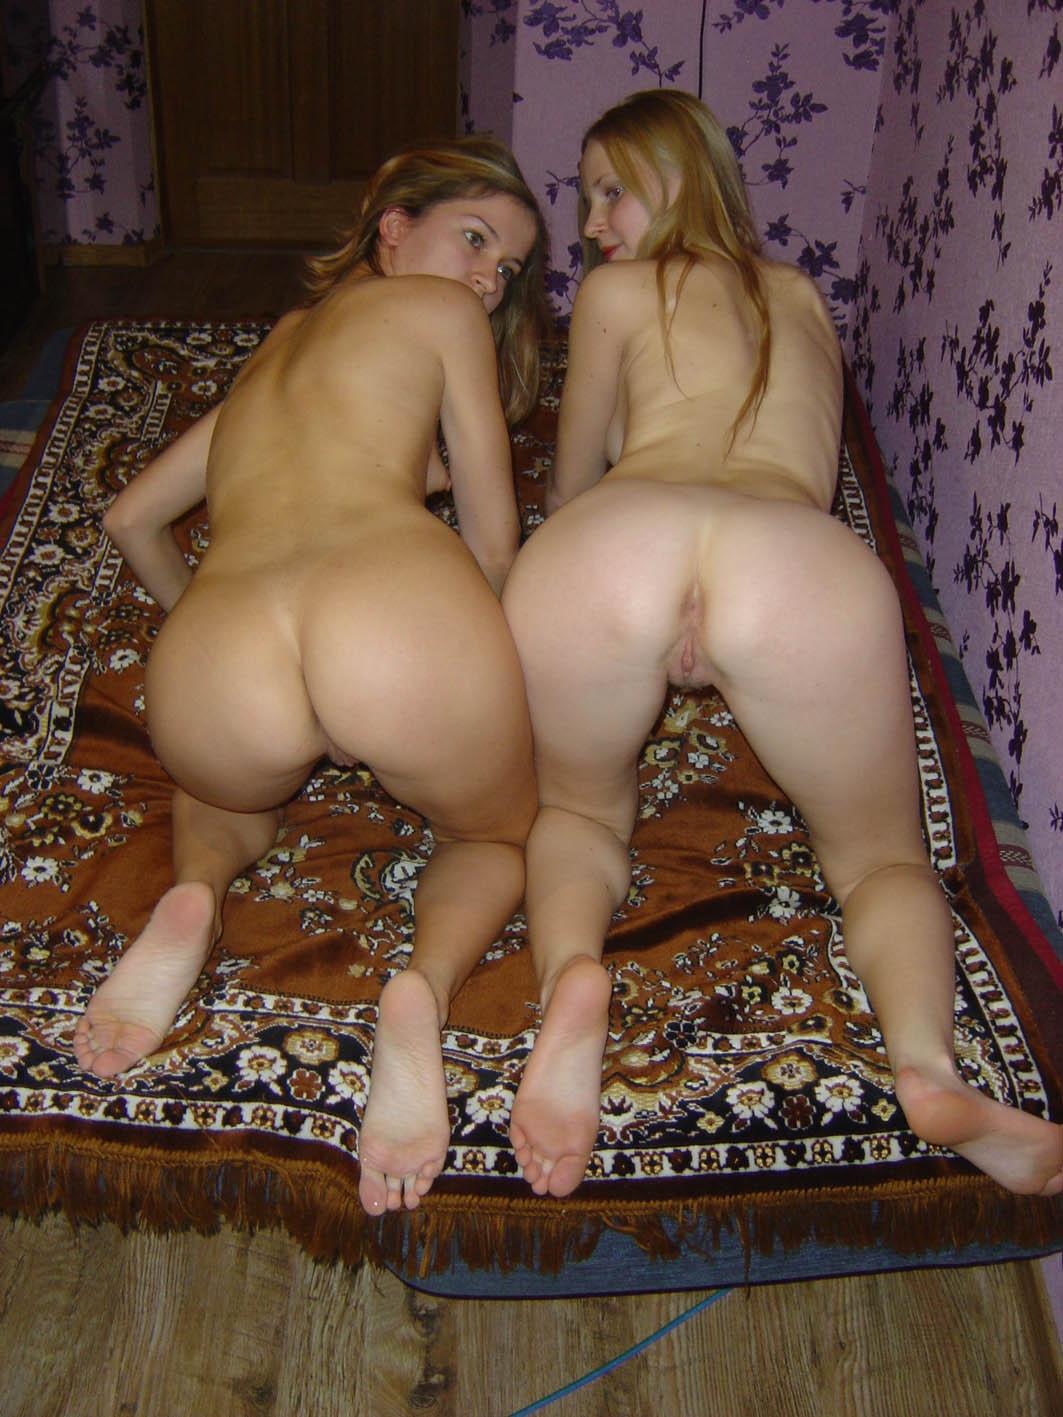 Русские голые девушки раком фото 8 фотография